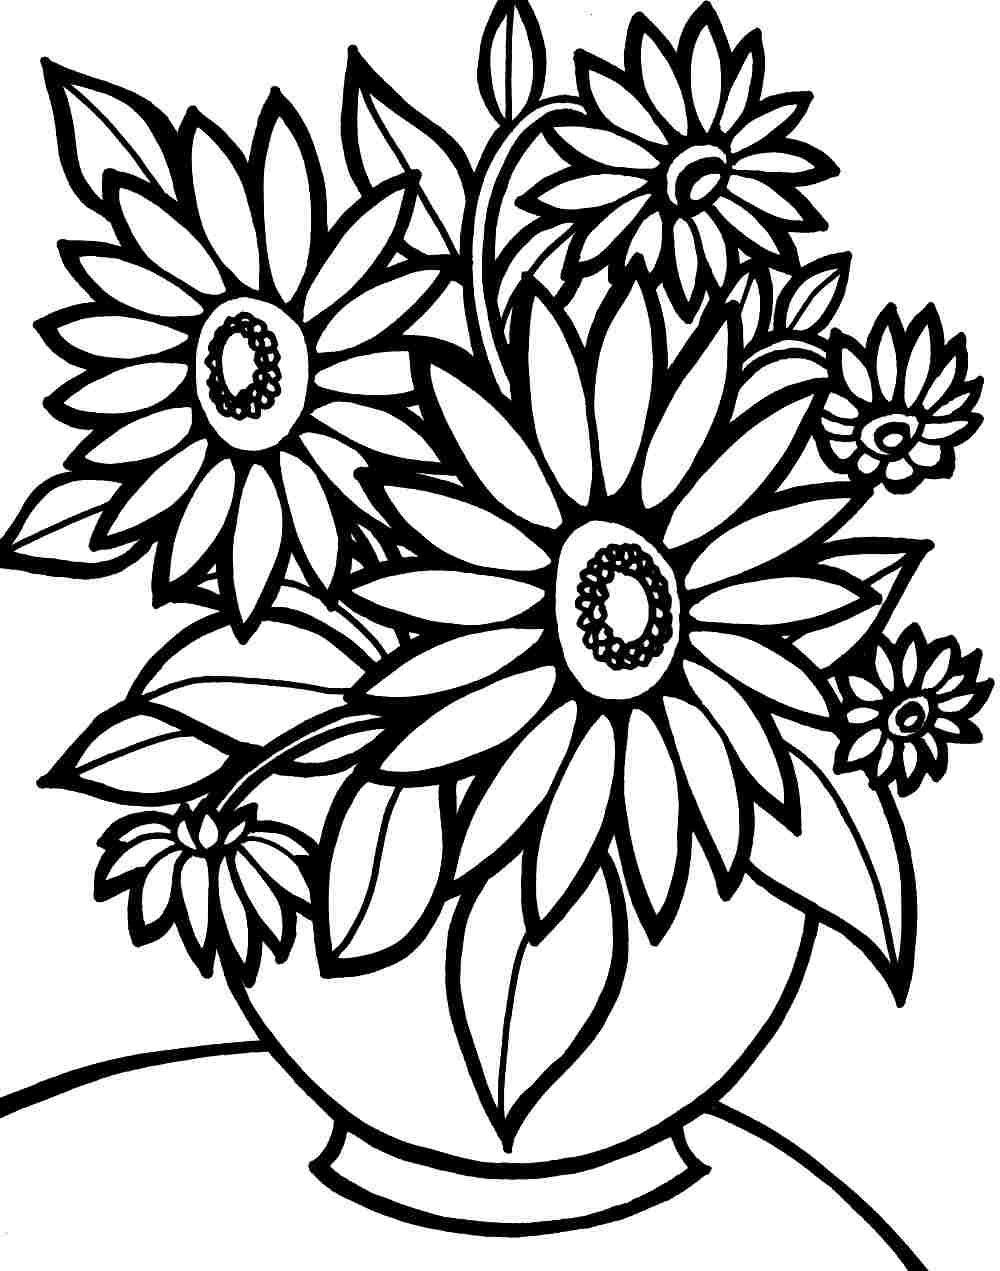 Tranh tô màu hoa hướng dương đẹp nhất